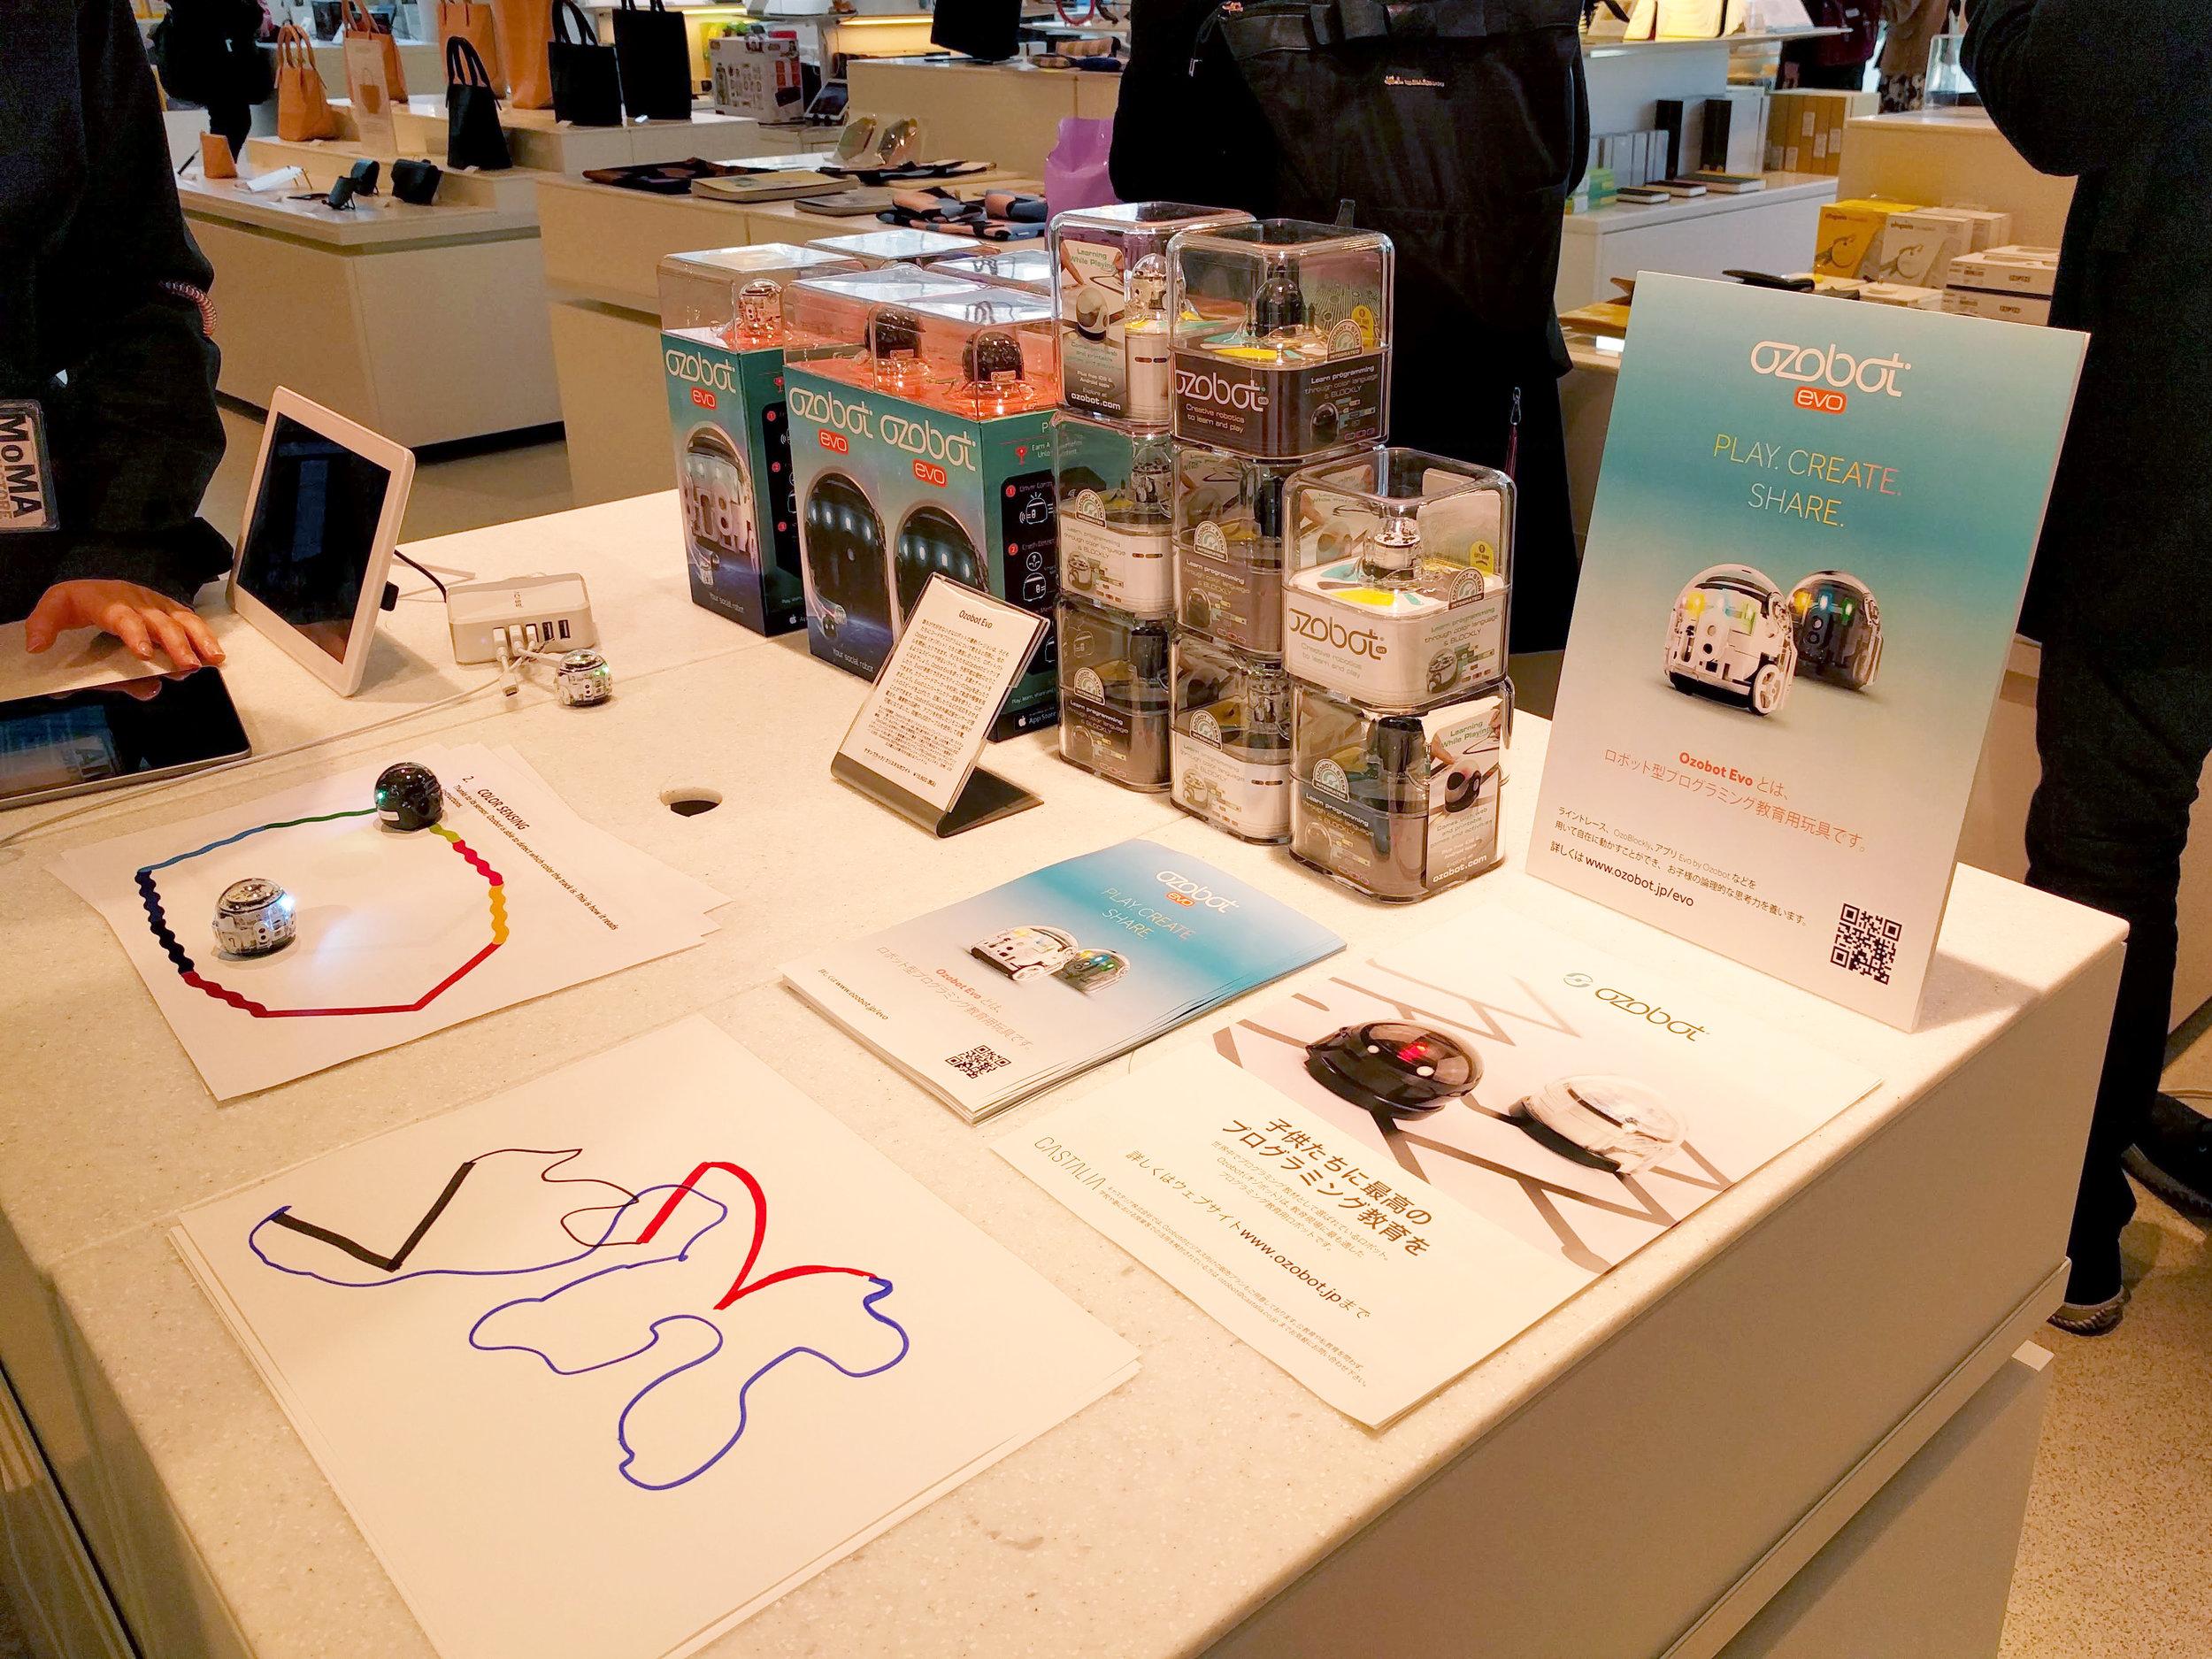 MoMA Design Store 表参道 の Ozobot コーナーの様子